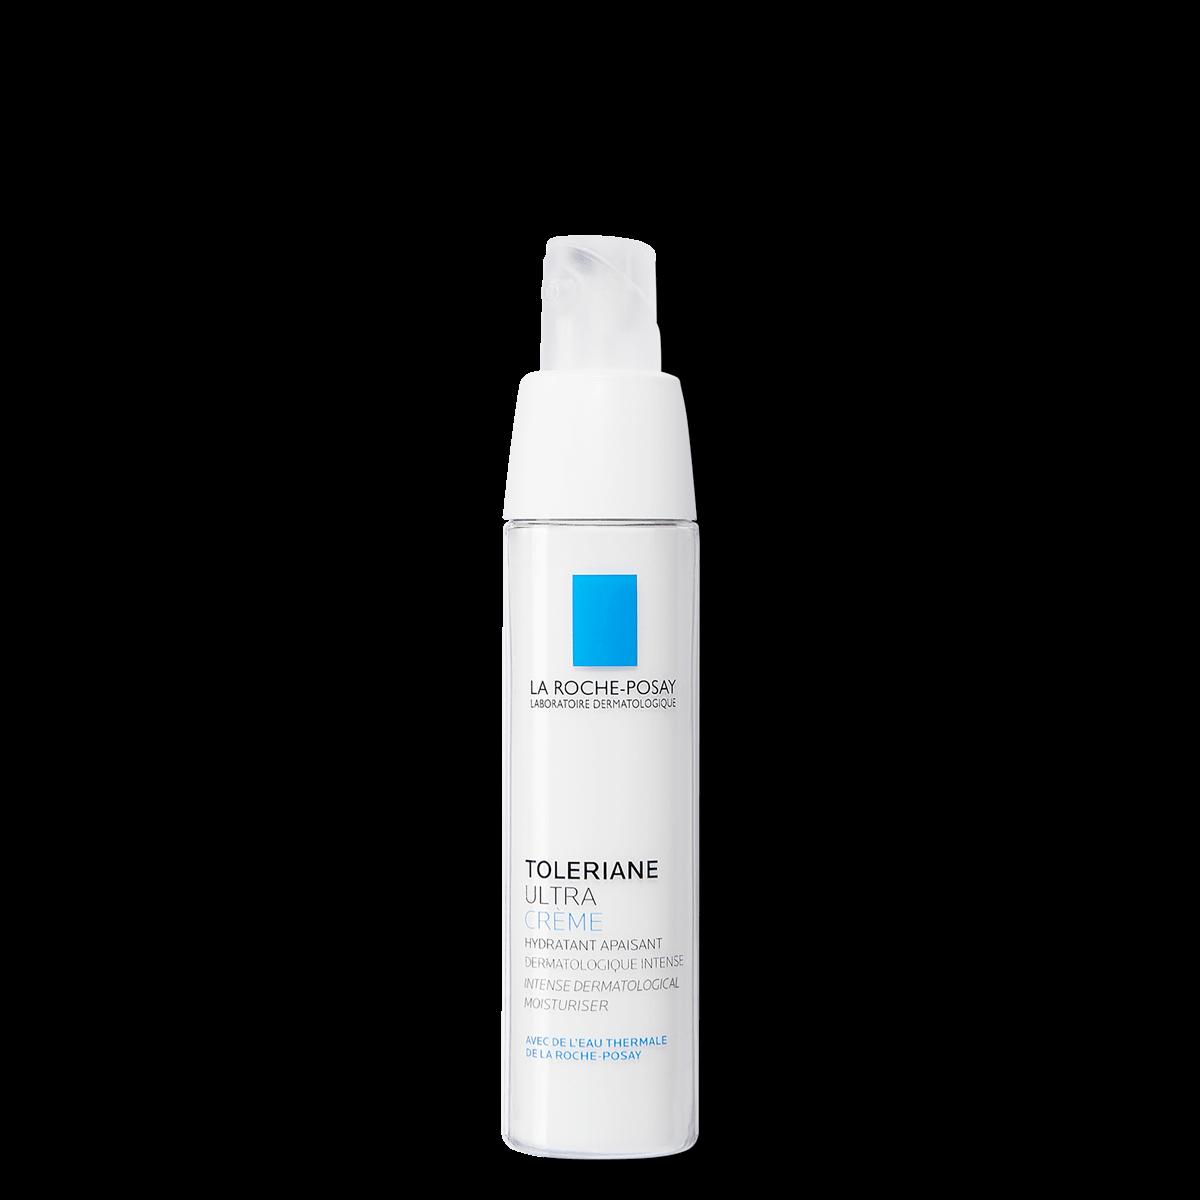 LaRochePosay Produkt Allergisk Toleriane UltraCream 40ml 3337872412486 FSS 2